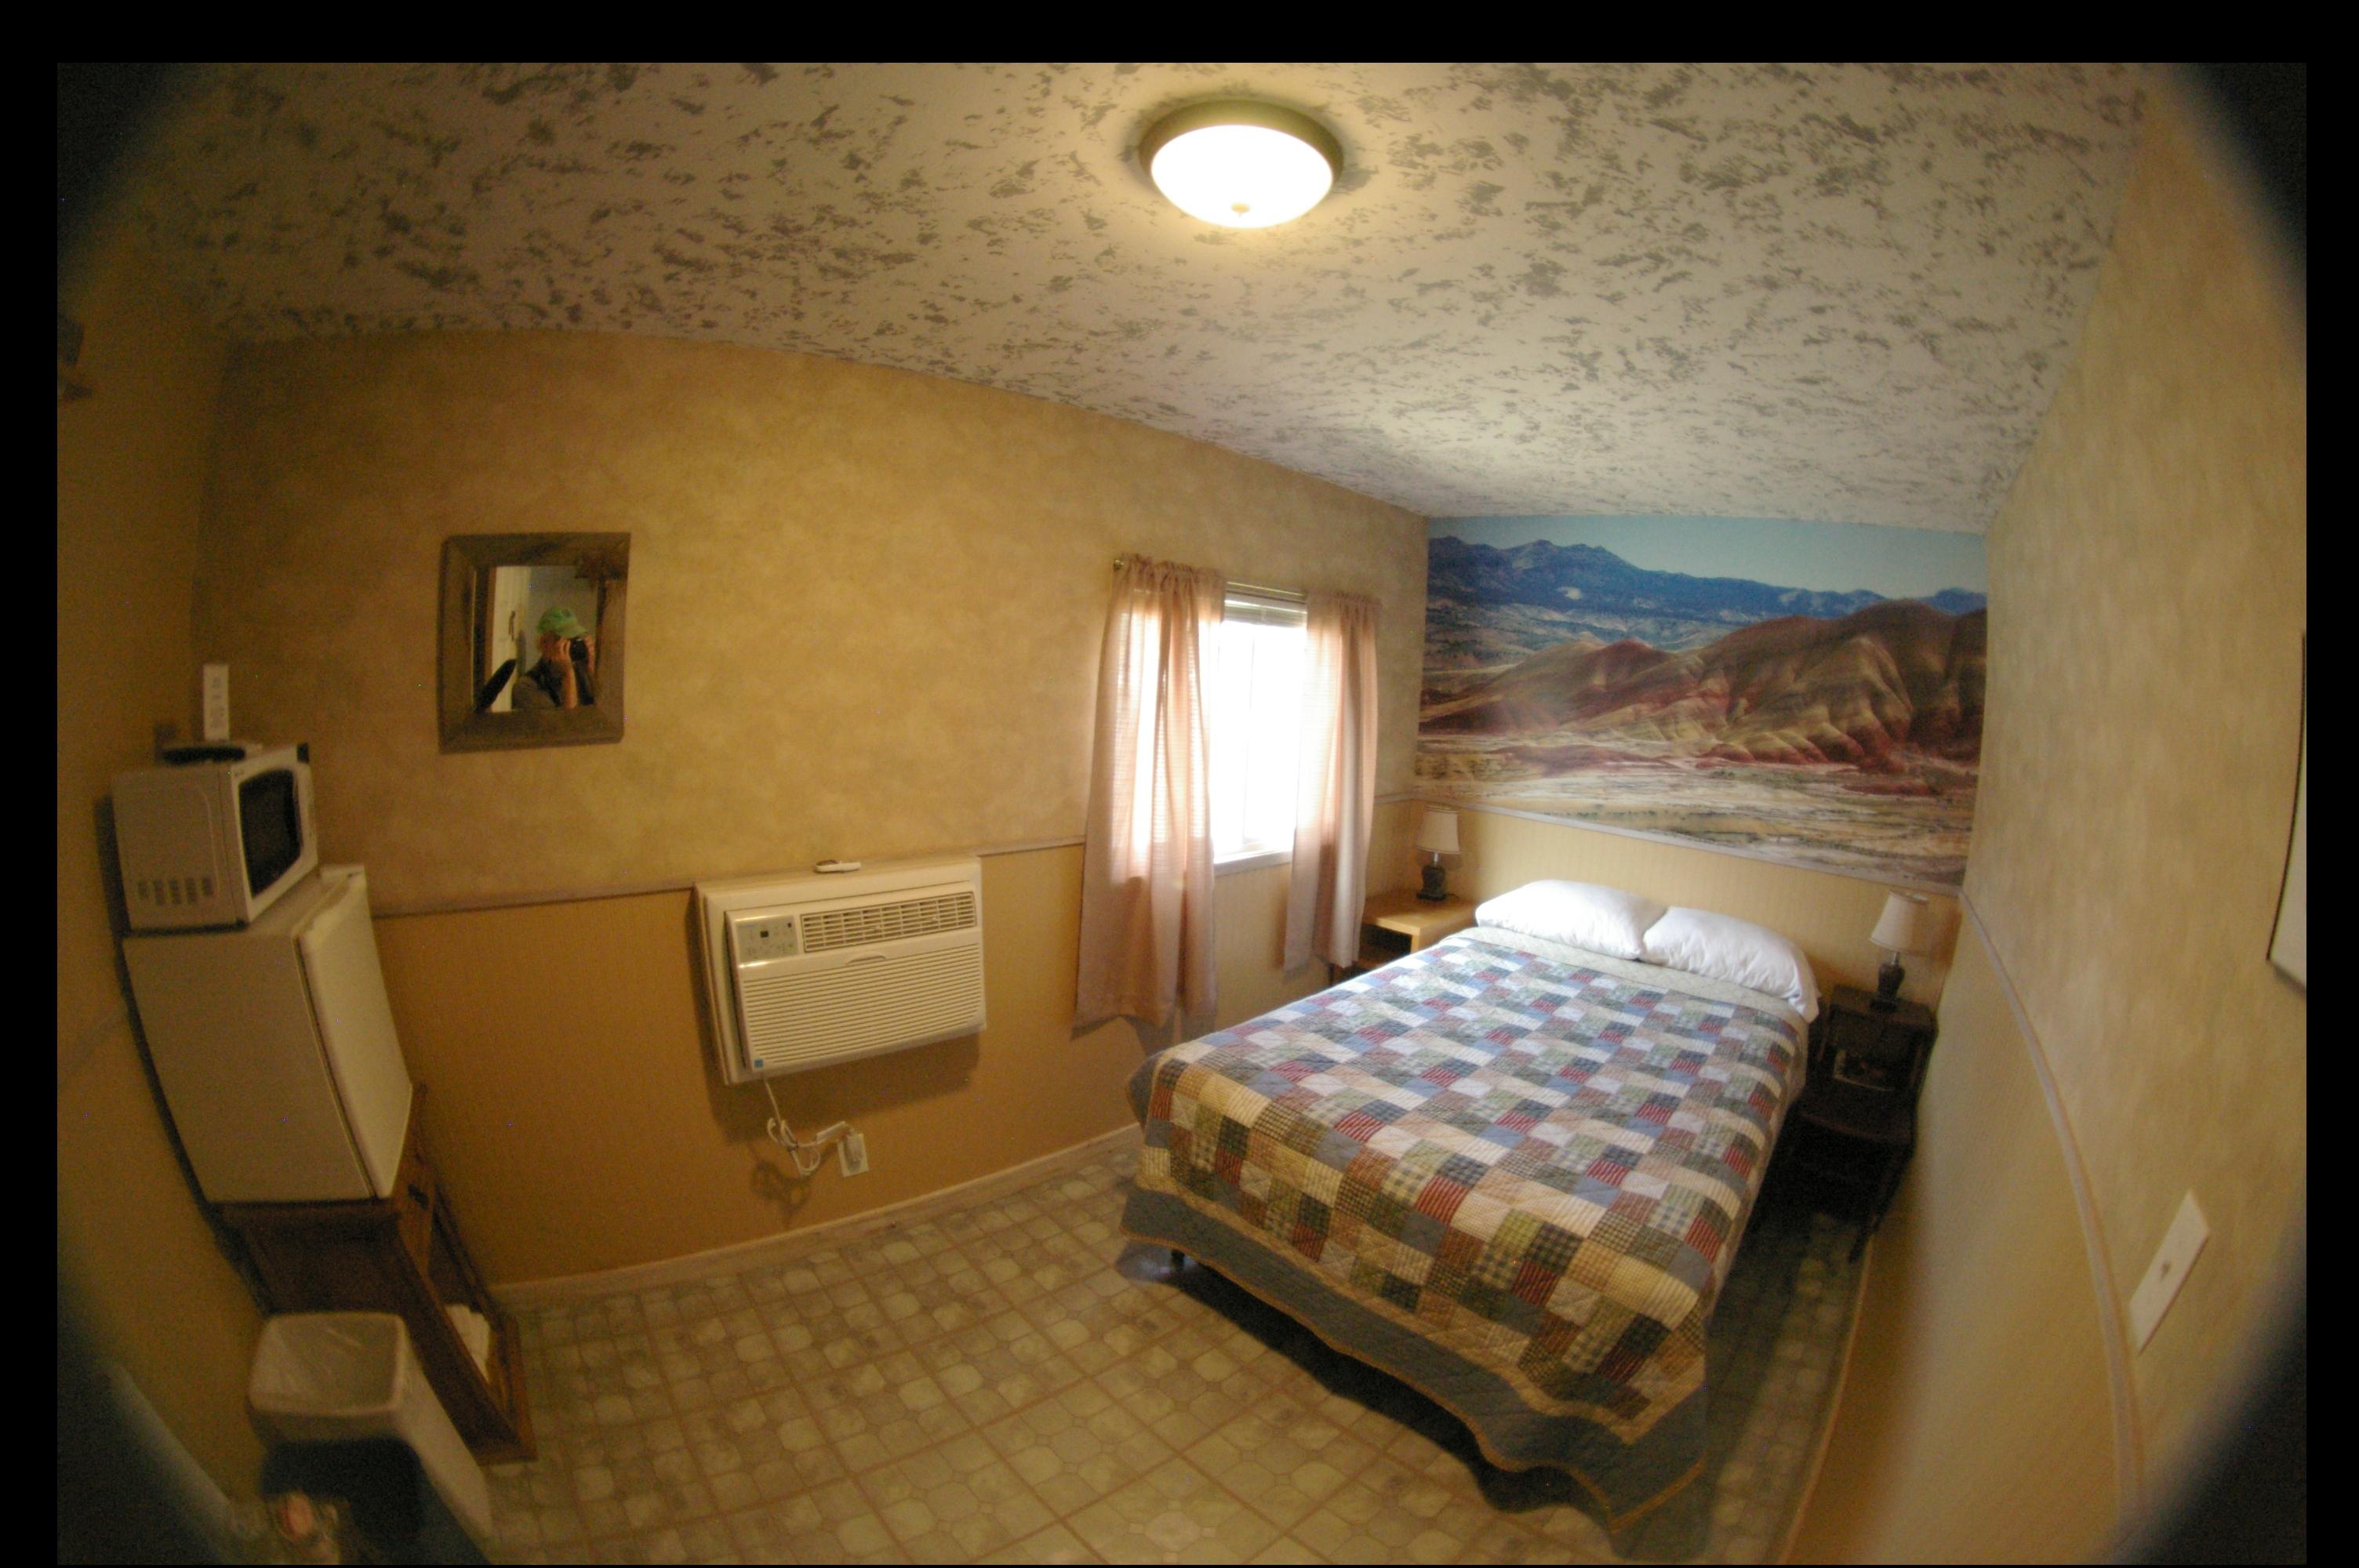 Tamarack room 7B